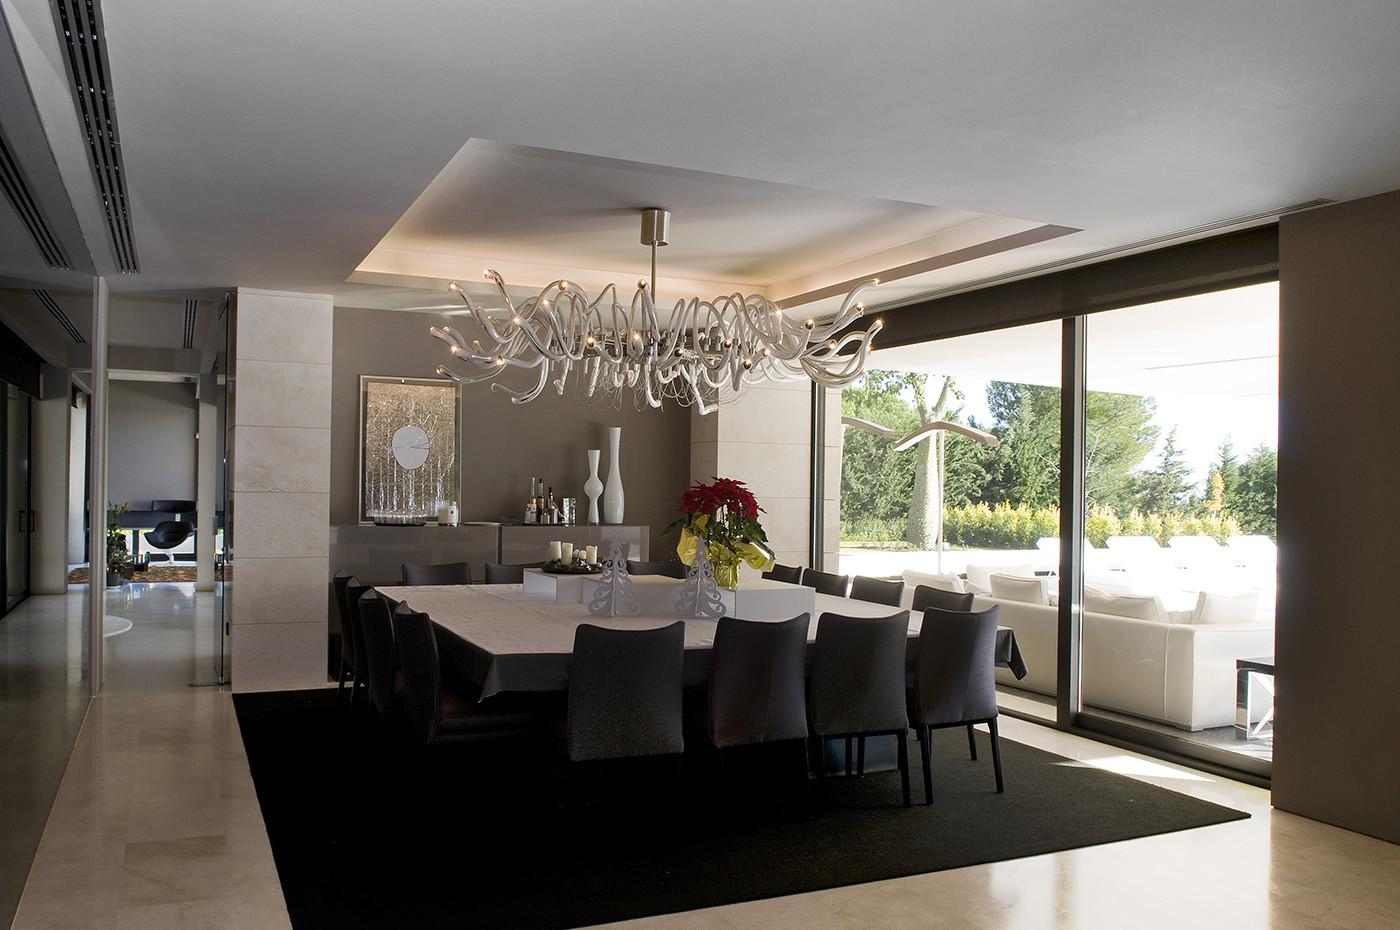 725 - Espectacular, imponente y lujosa casa de diseño en Puerto Banús (Marbella, Costa del Sol)